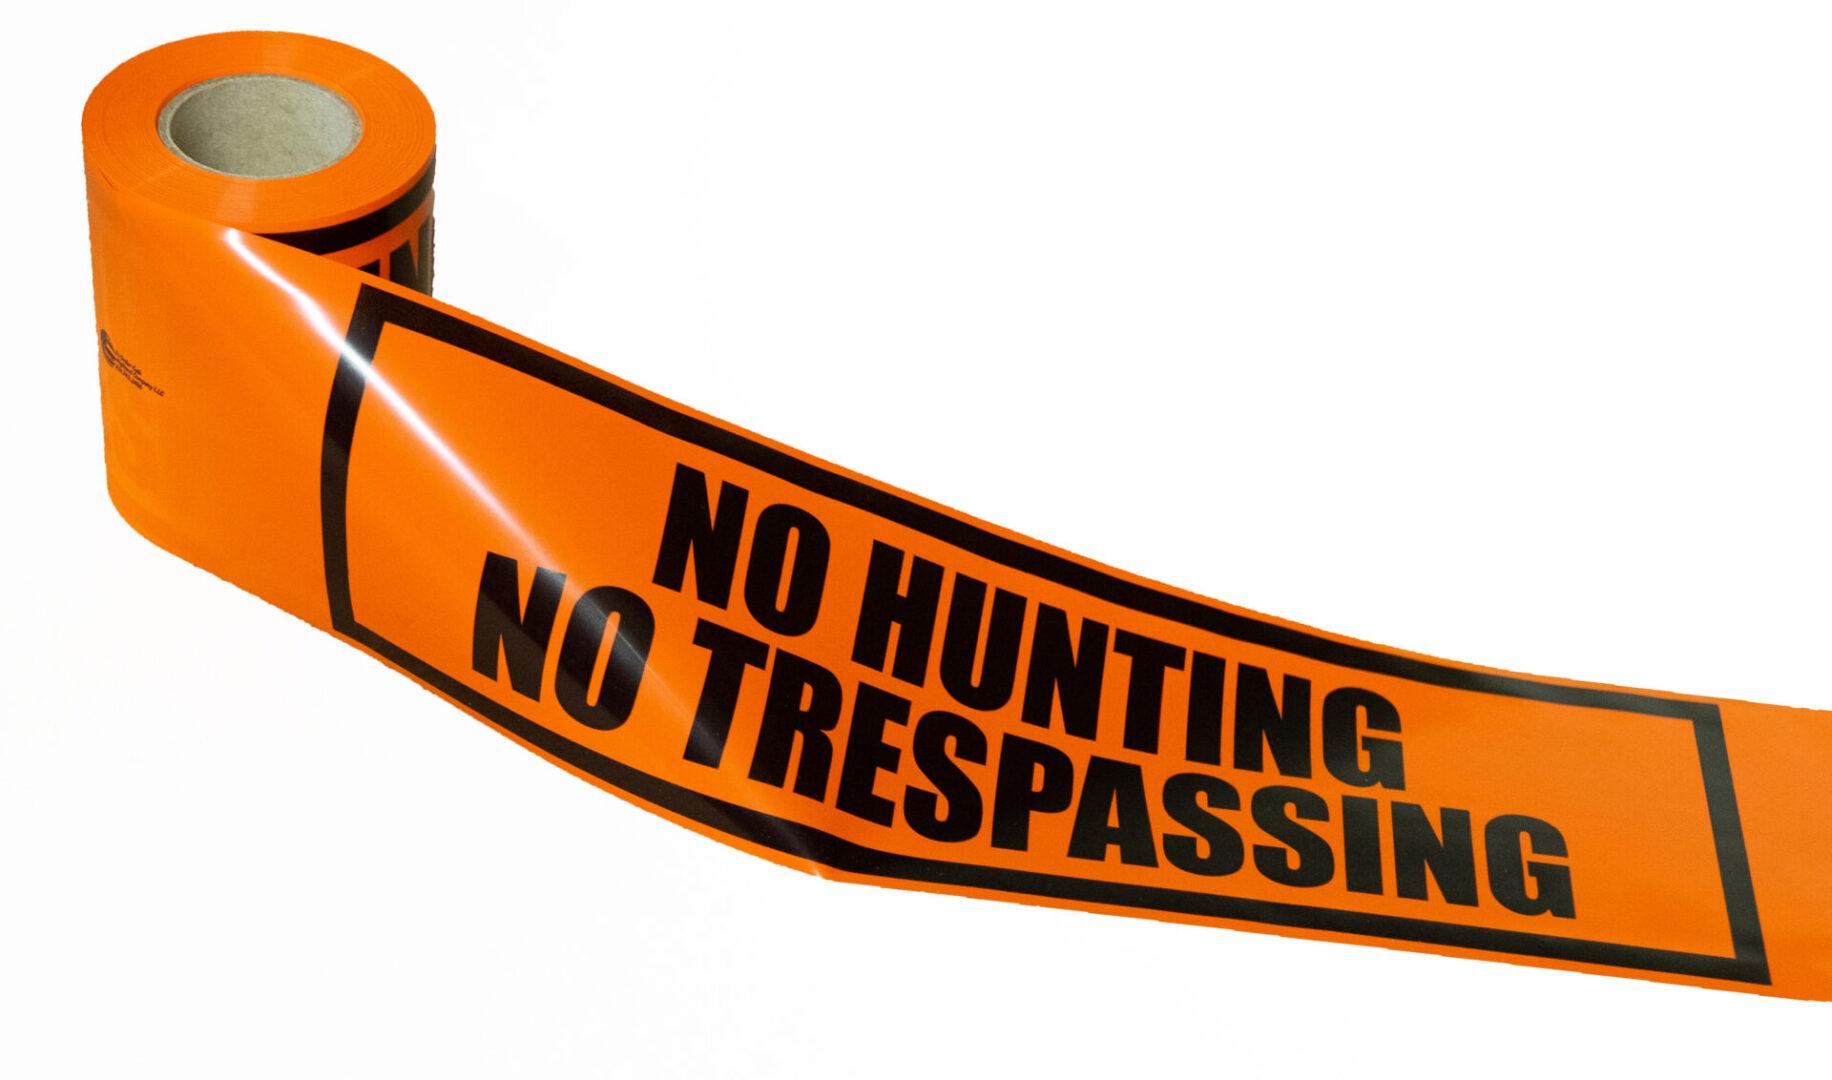 NO HUNTING NO TRESPASSING